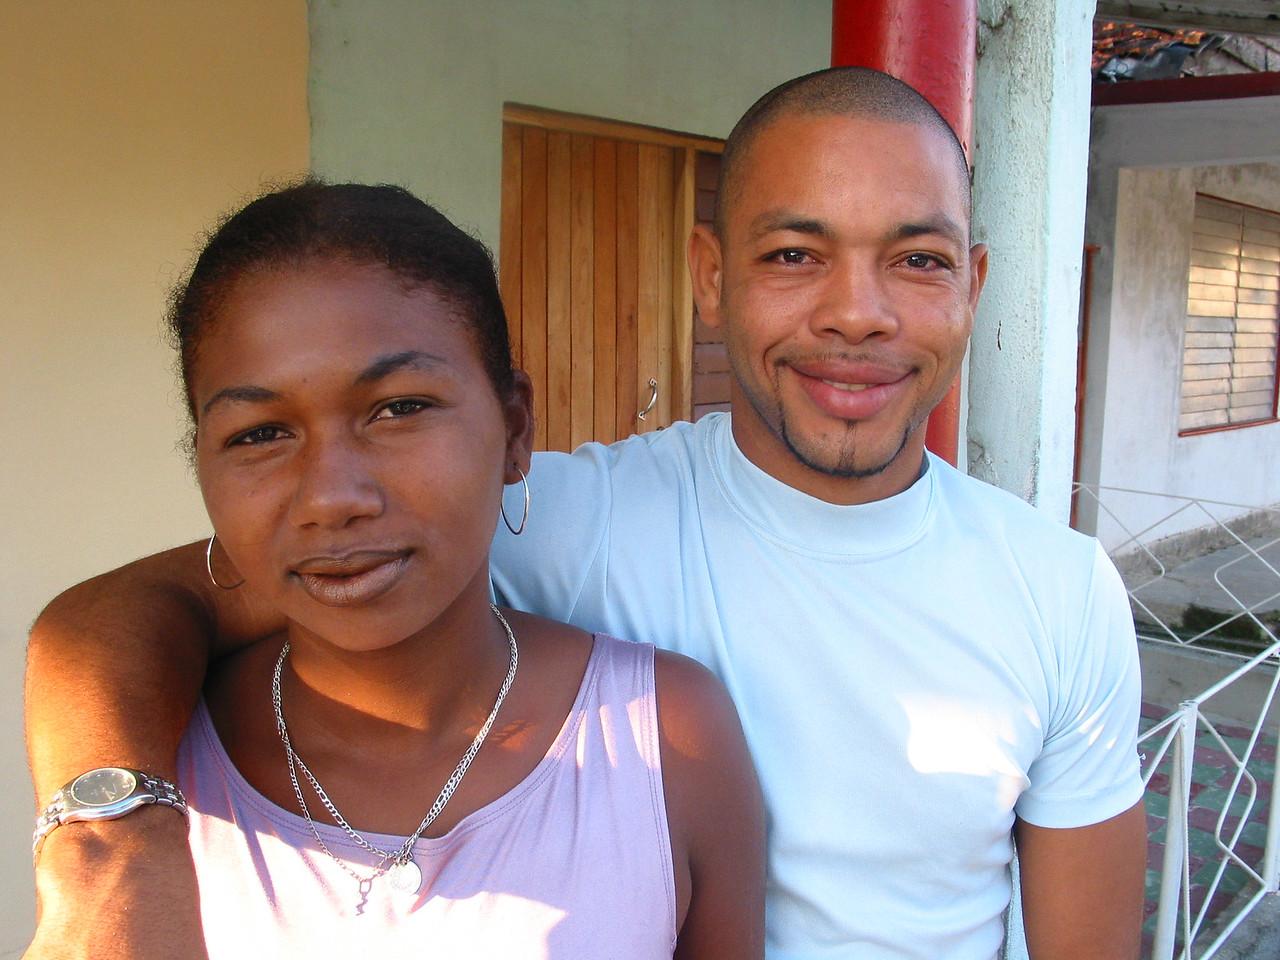 Siblings, Cuba.